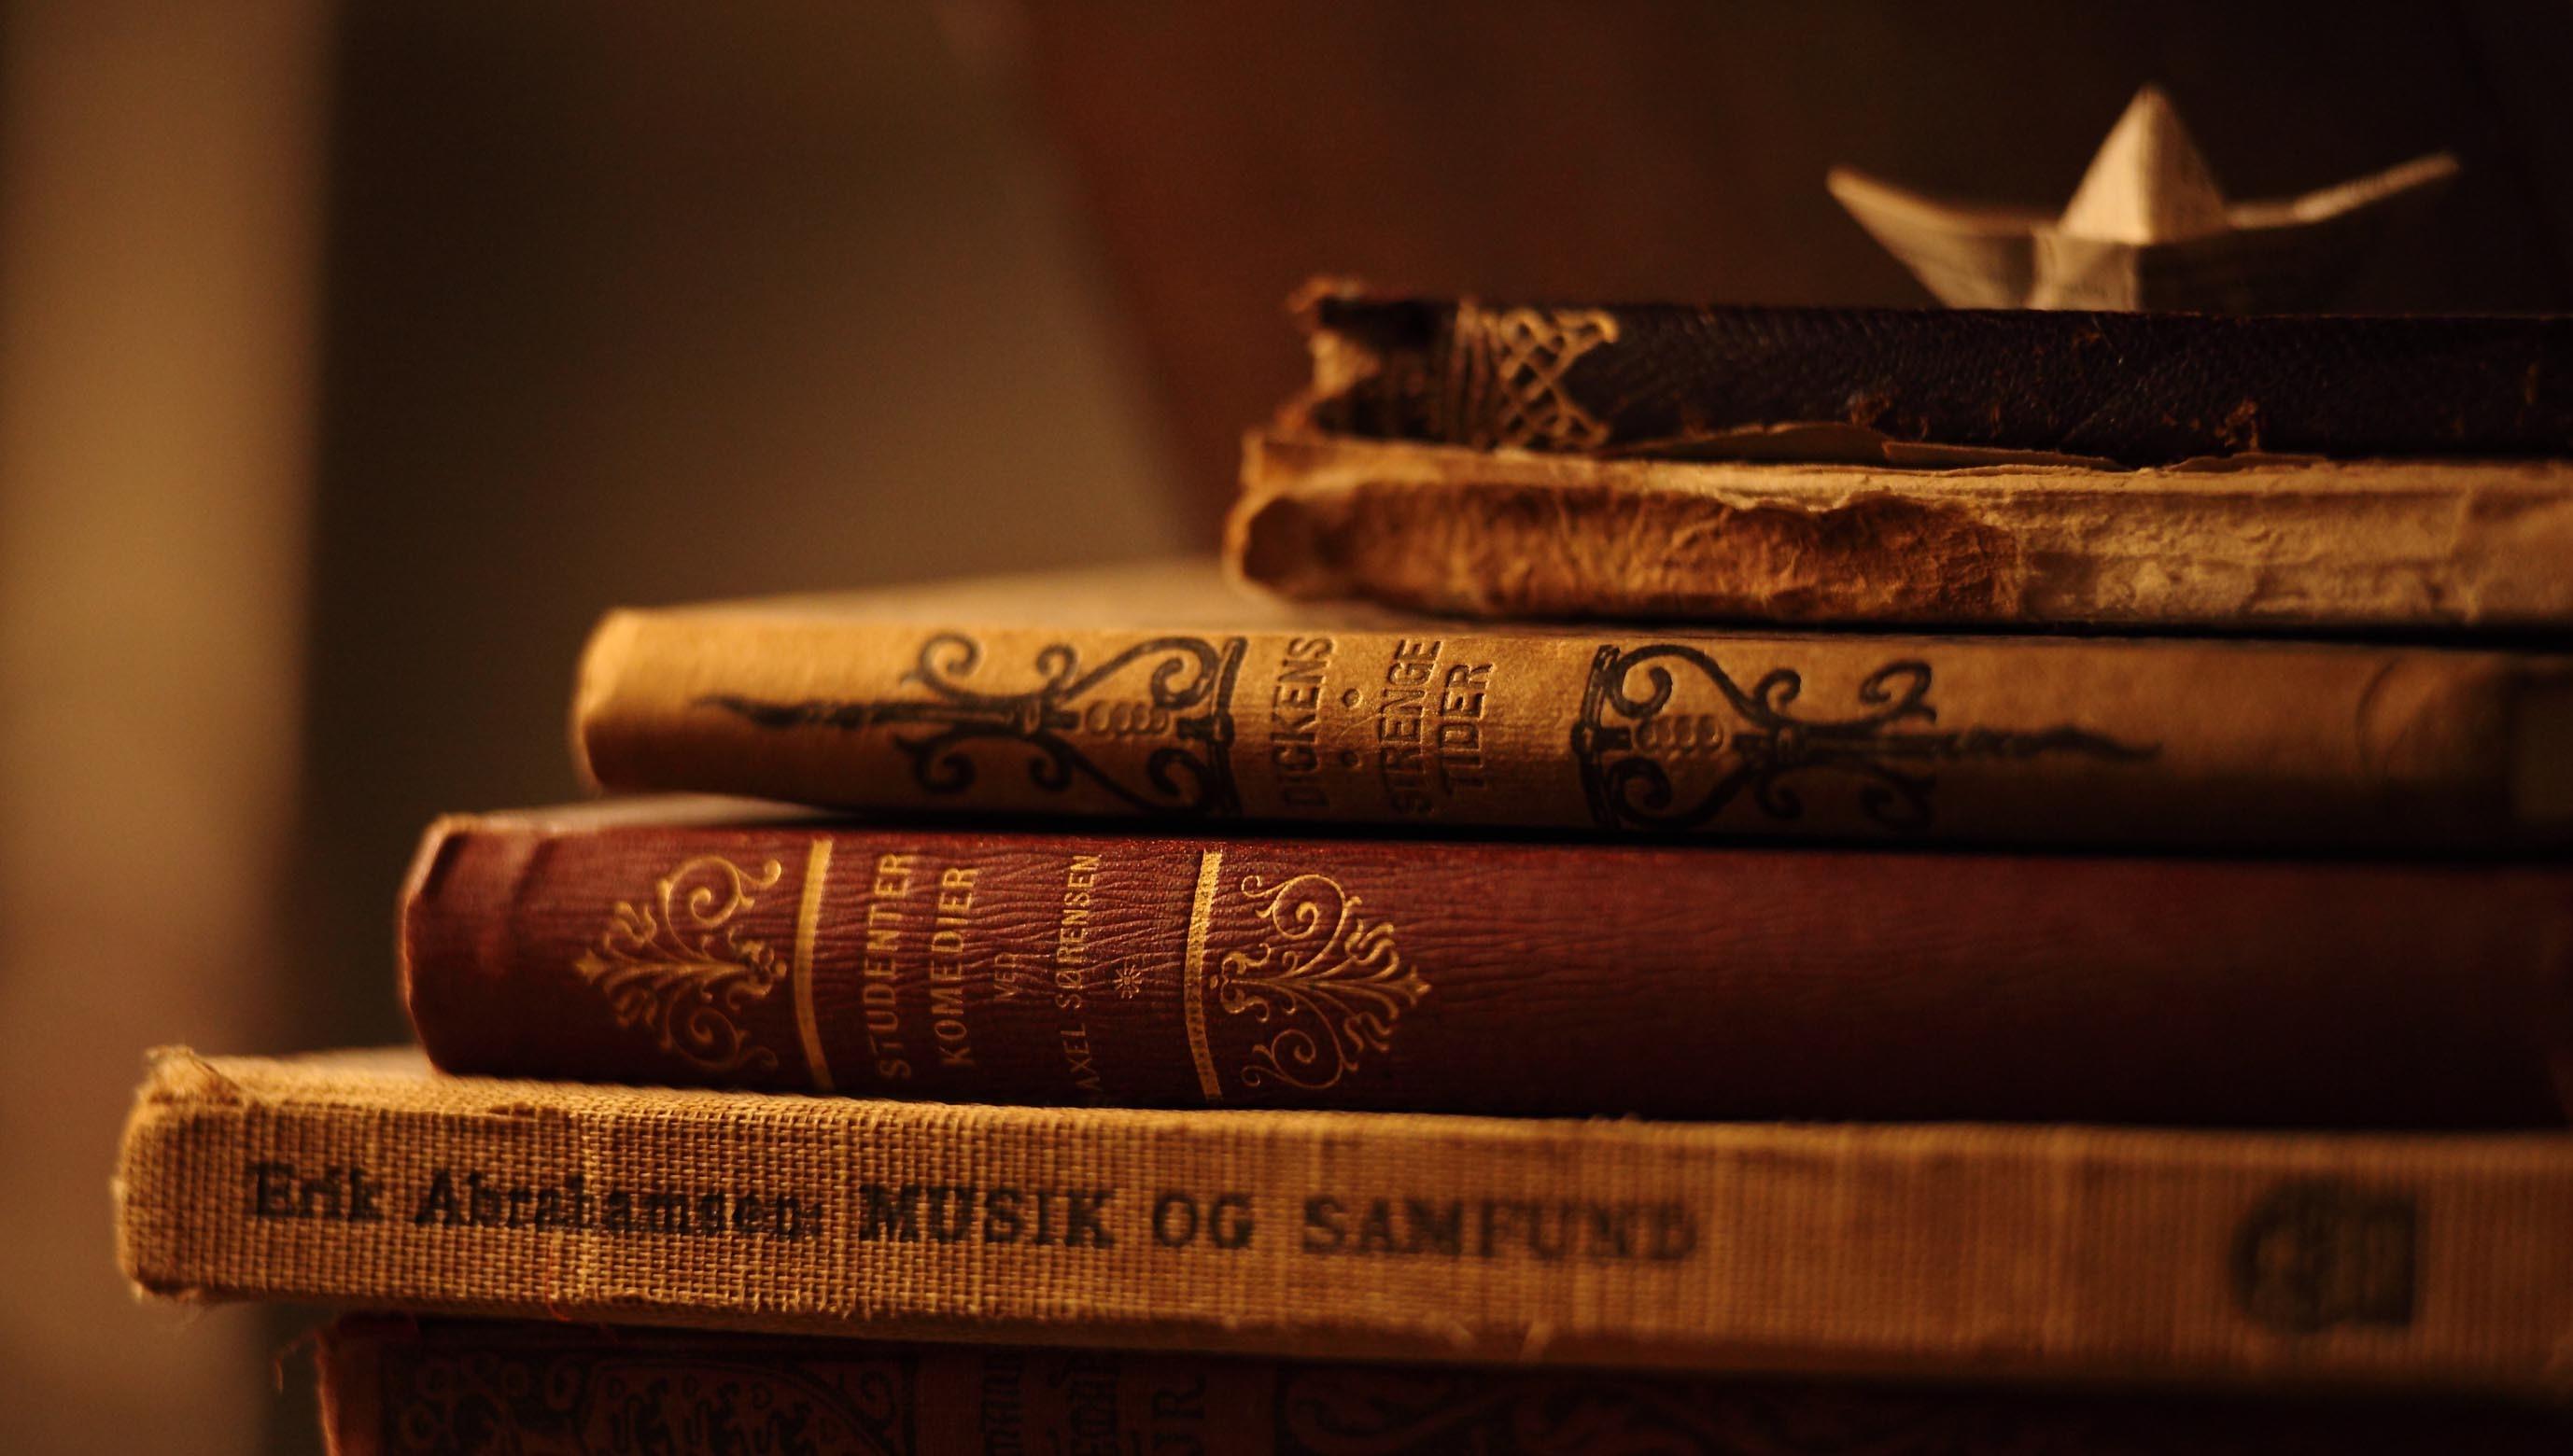 Amazing-Old-Book-Desktop-Wallpapers